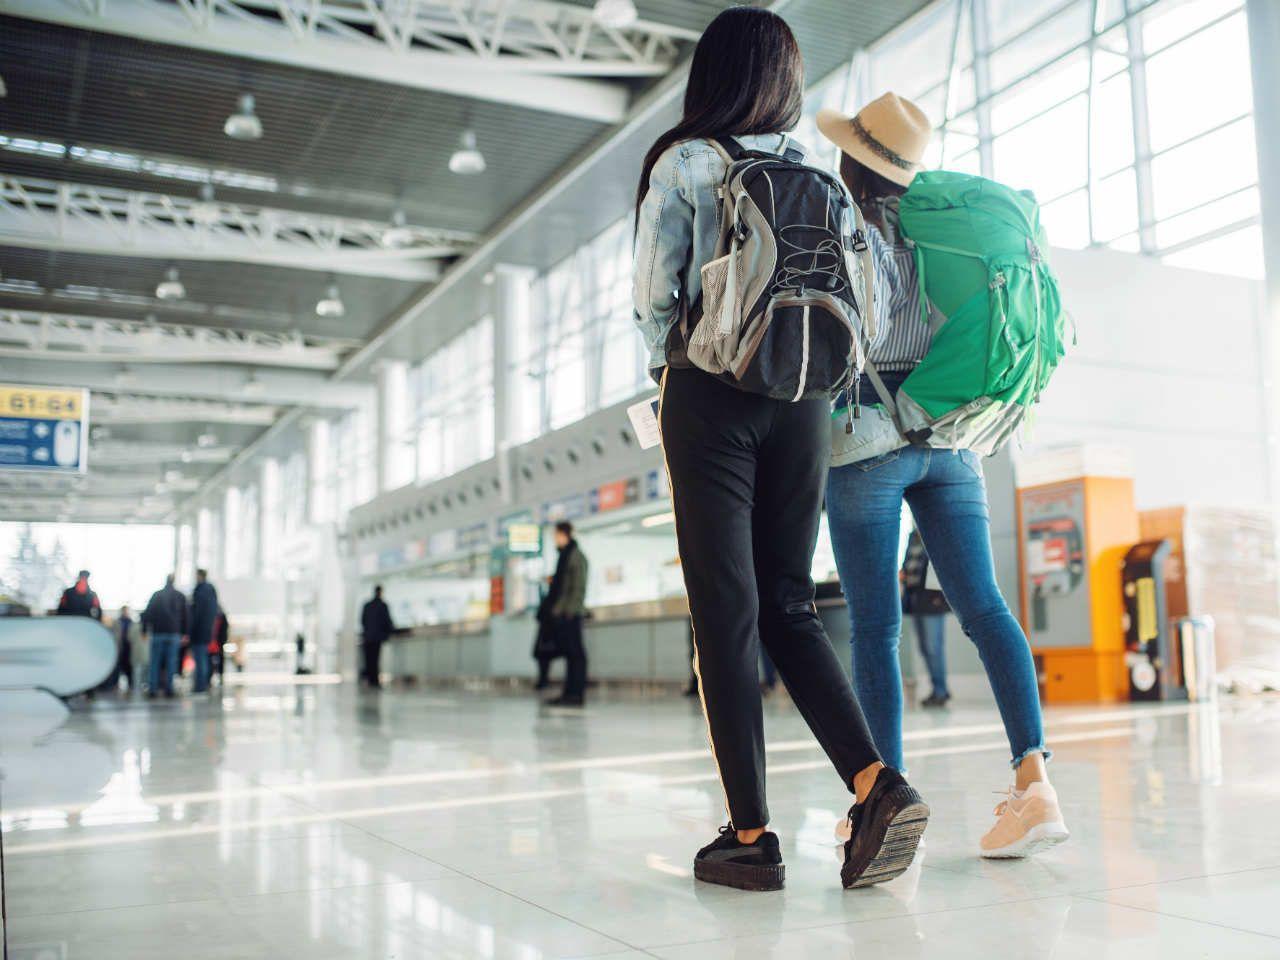 80780f8f19056 Jak się spakować, aby spokojnie przejść kontrolę na lotnisku? Sprawdź, jaki  plecak do samolotu będzie najlepszy.